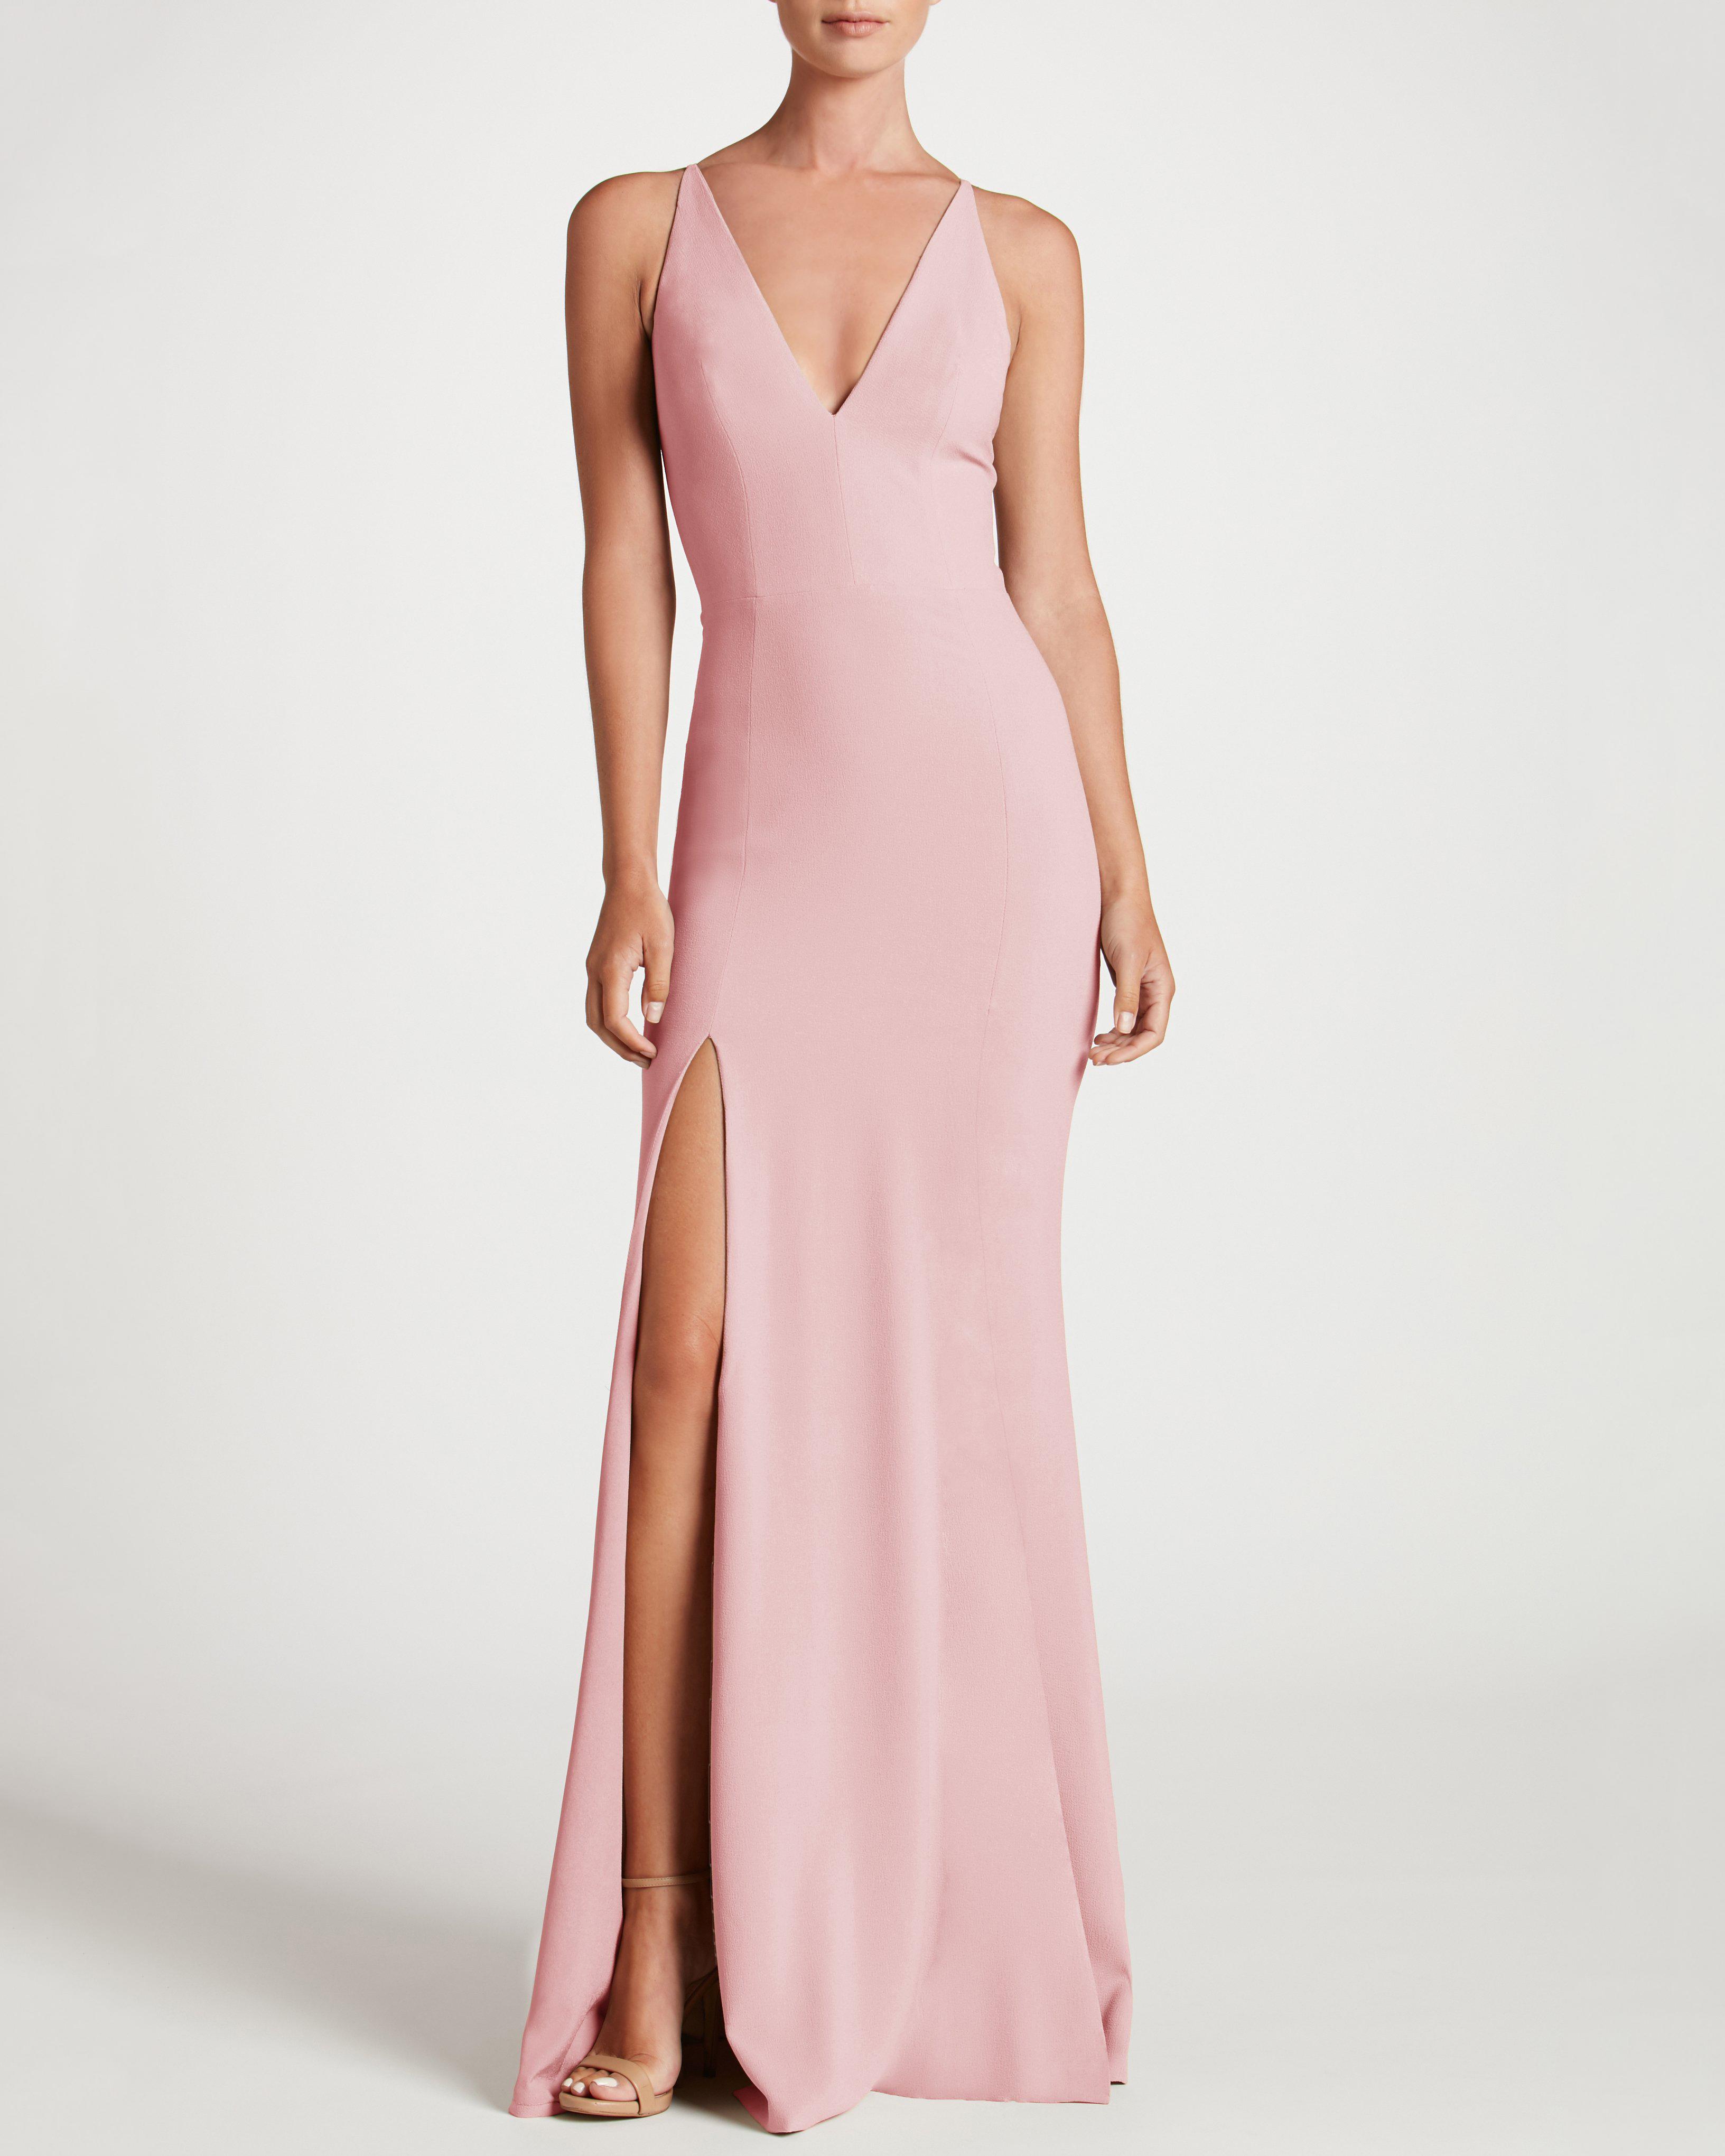 pink bridesmaids high slit v-neck dress